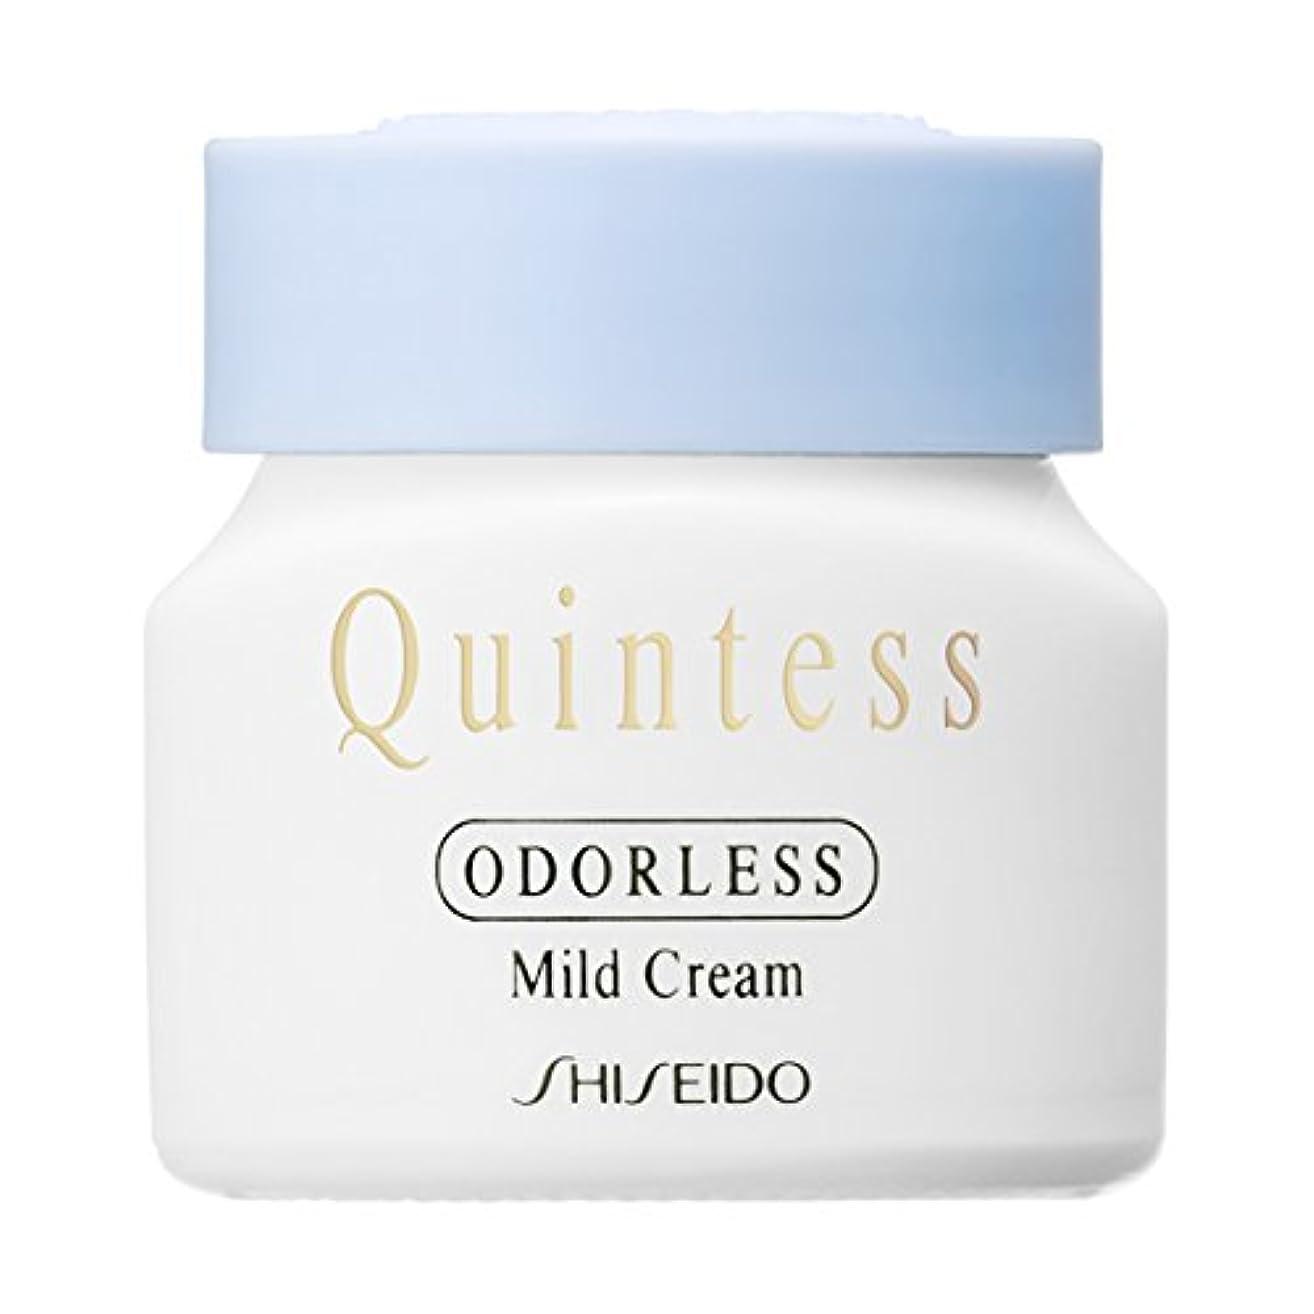 色合いたくさん辞書クインテス オーダレス マイルドクリーム 30g